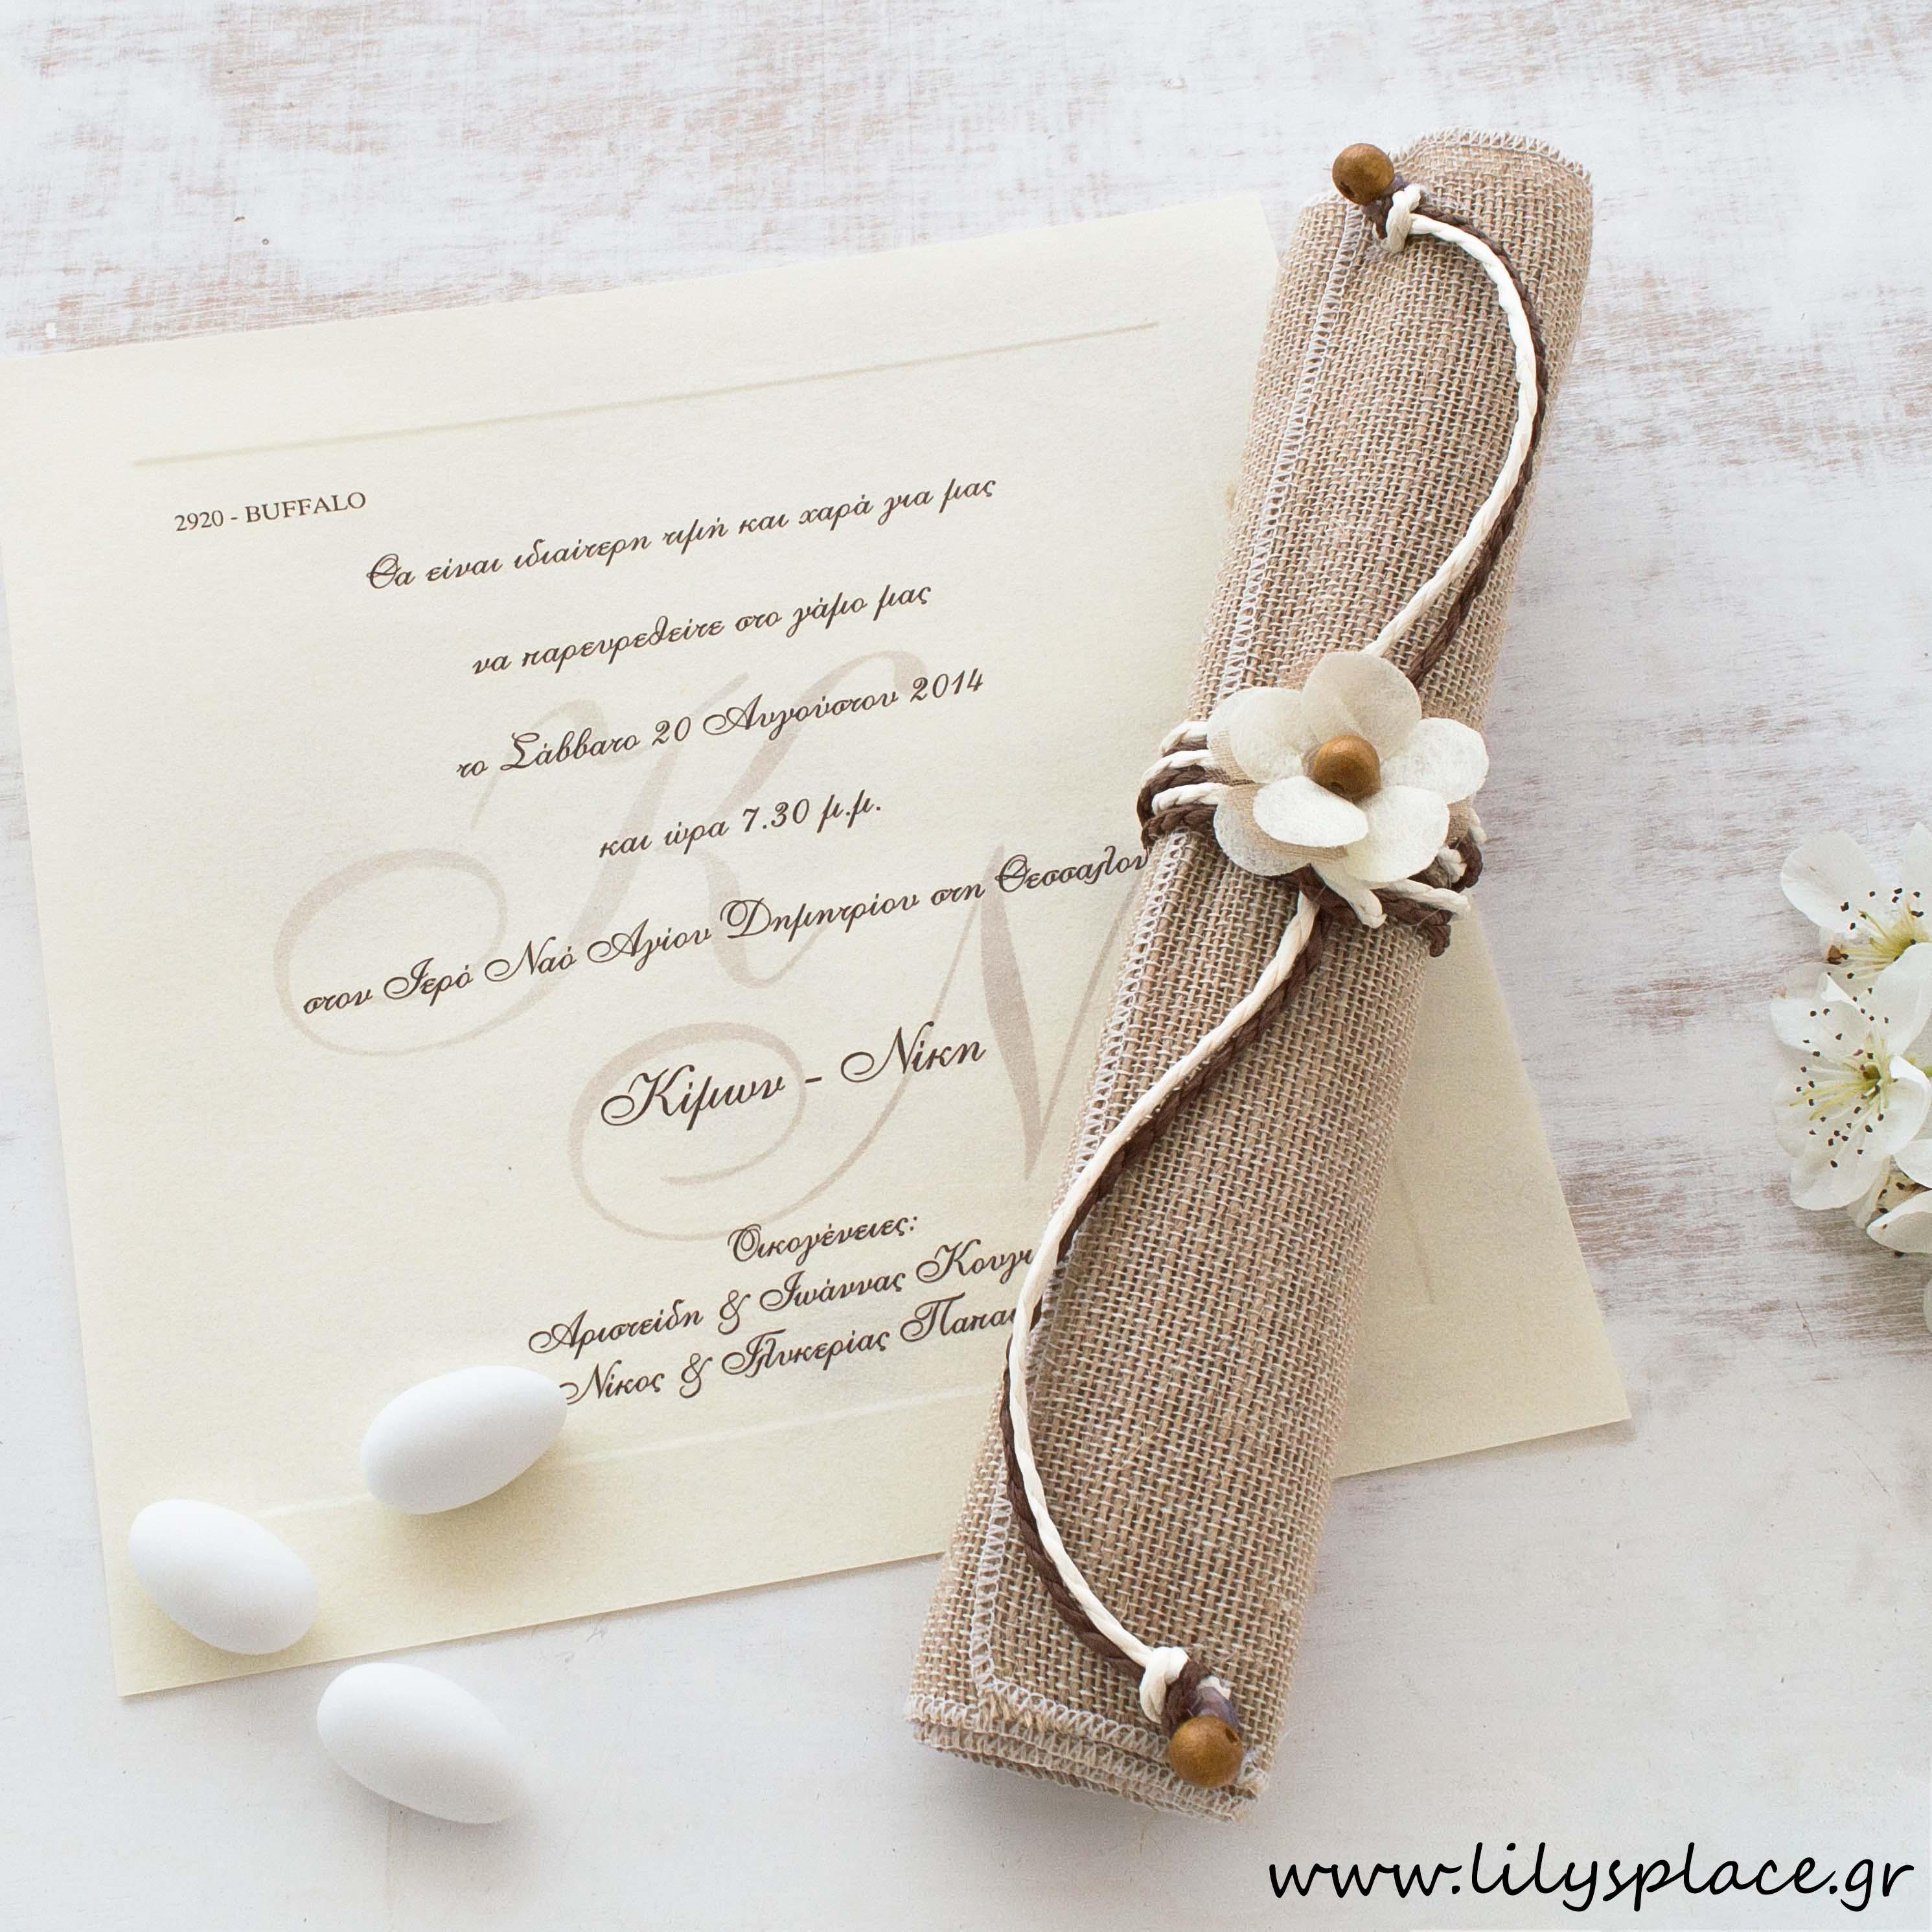 Μπομπονιέρα γάμου υφασμάτινη με λουλούδι